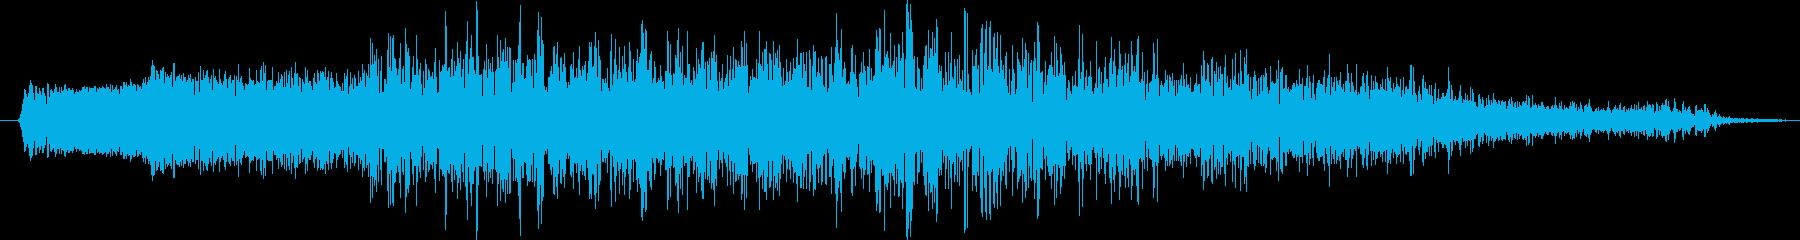 エネルギーが歪んだバズ・フー・ロングの再生済みの波形